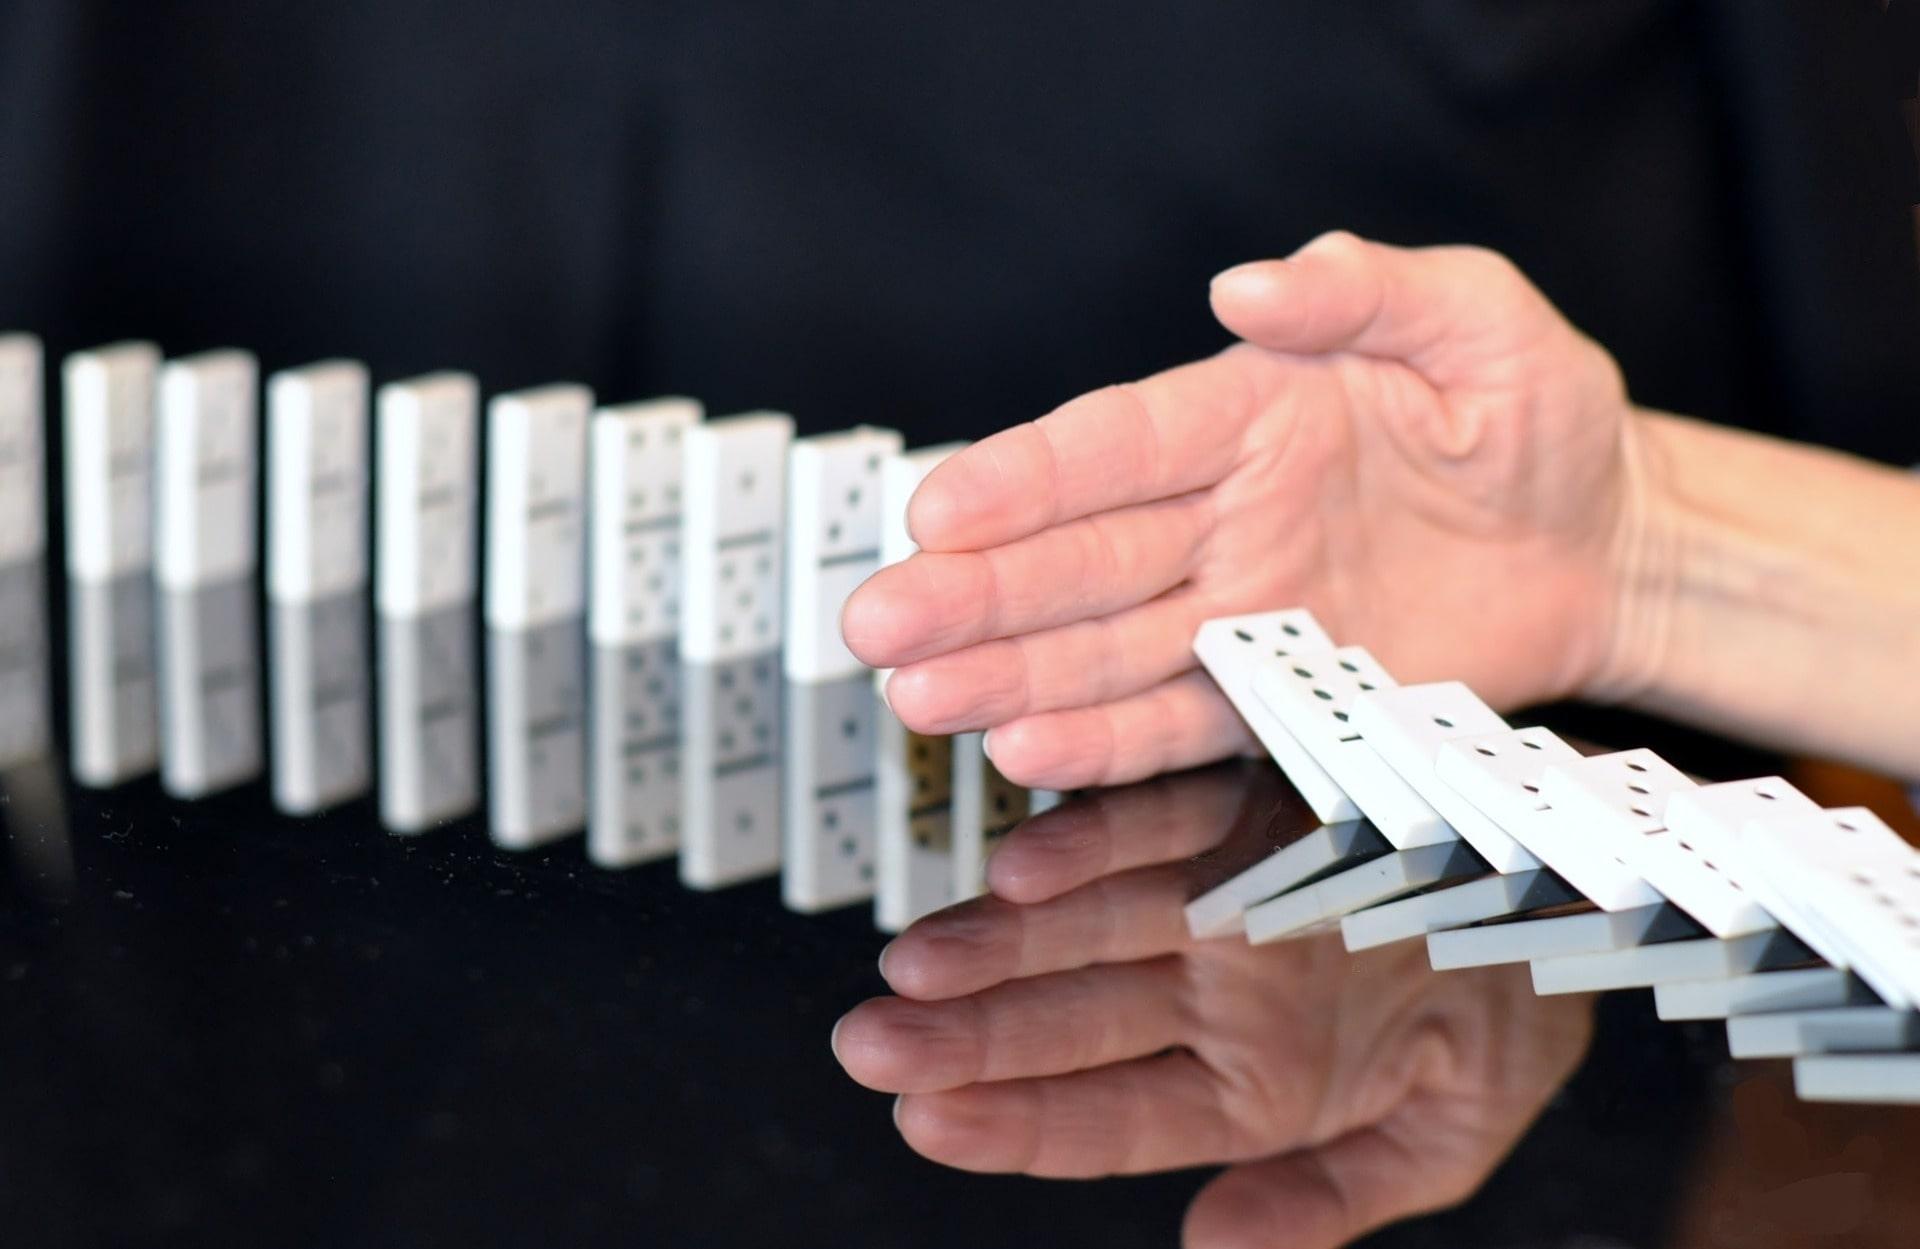 dominoes-6655471920-min.jpg